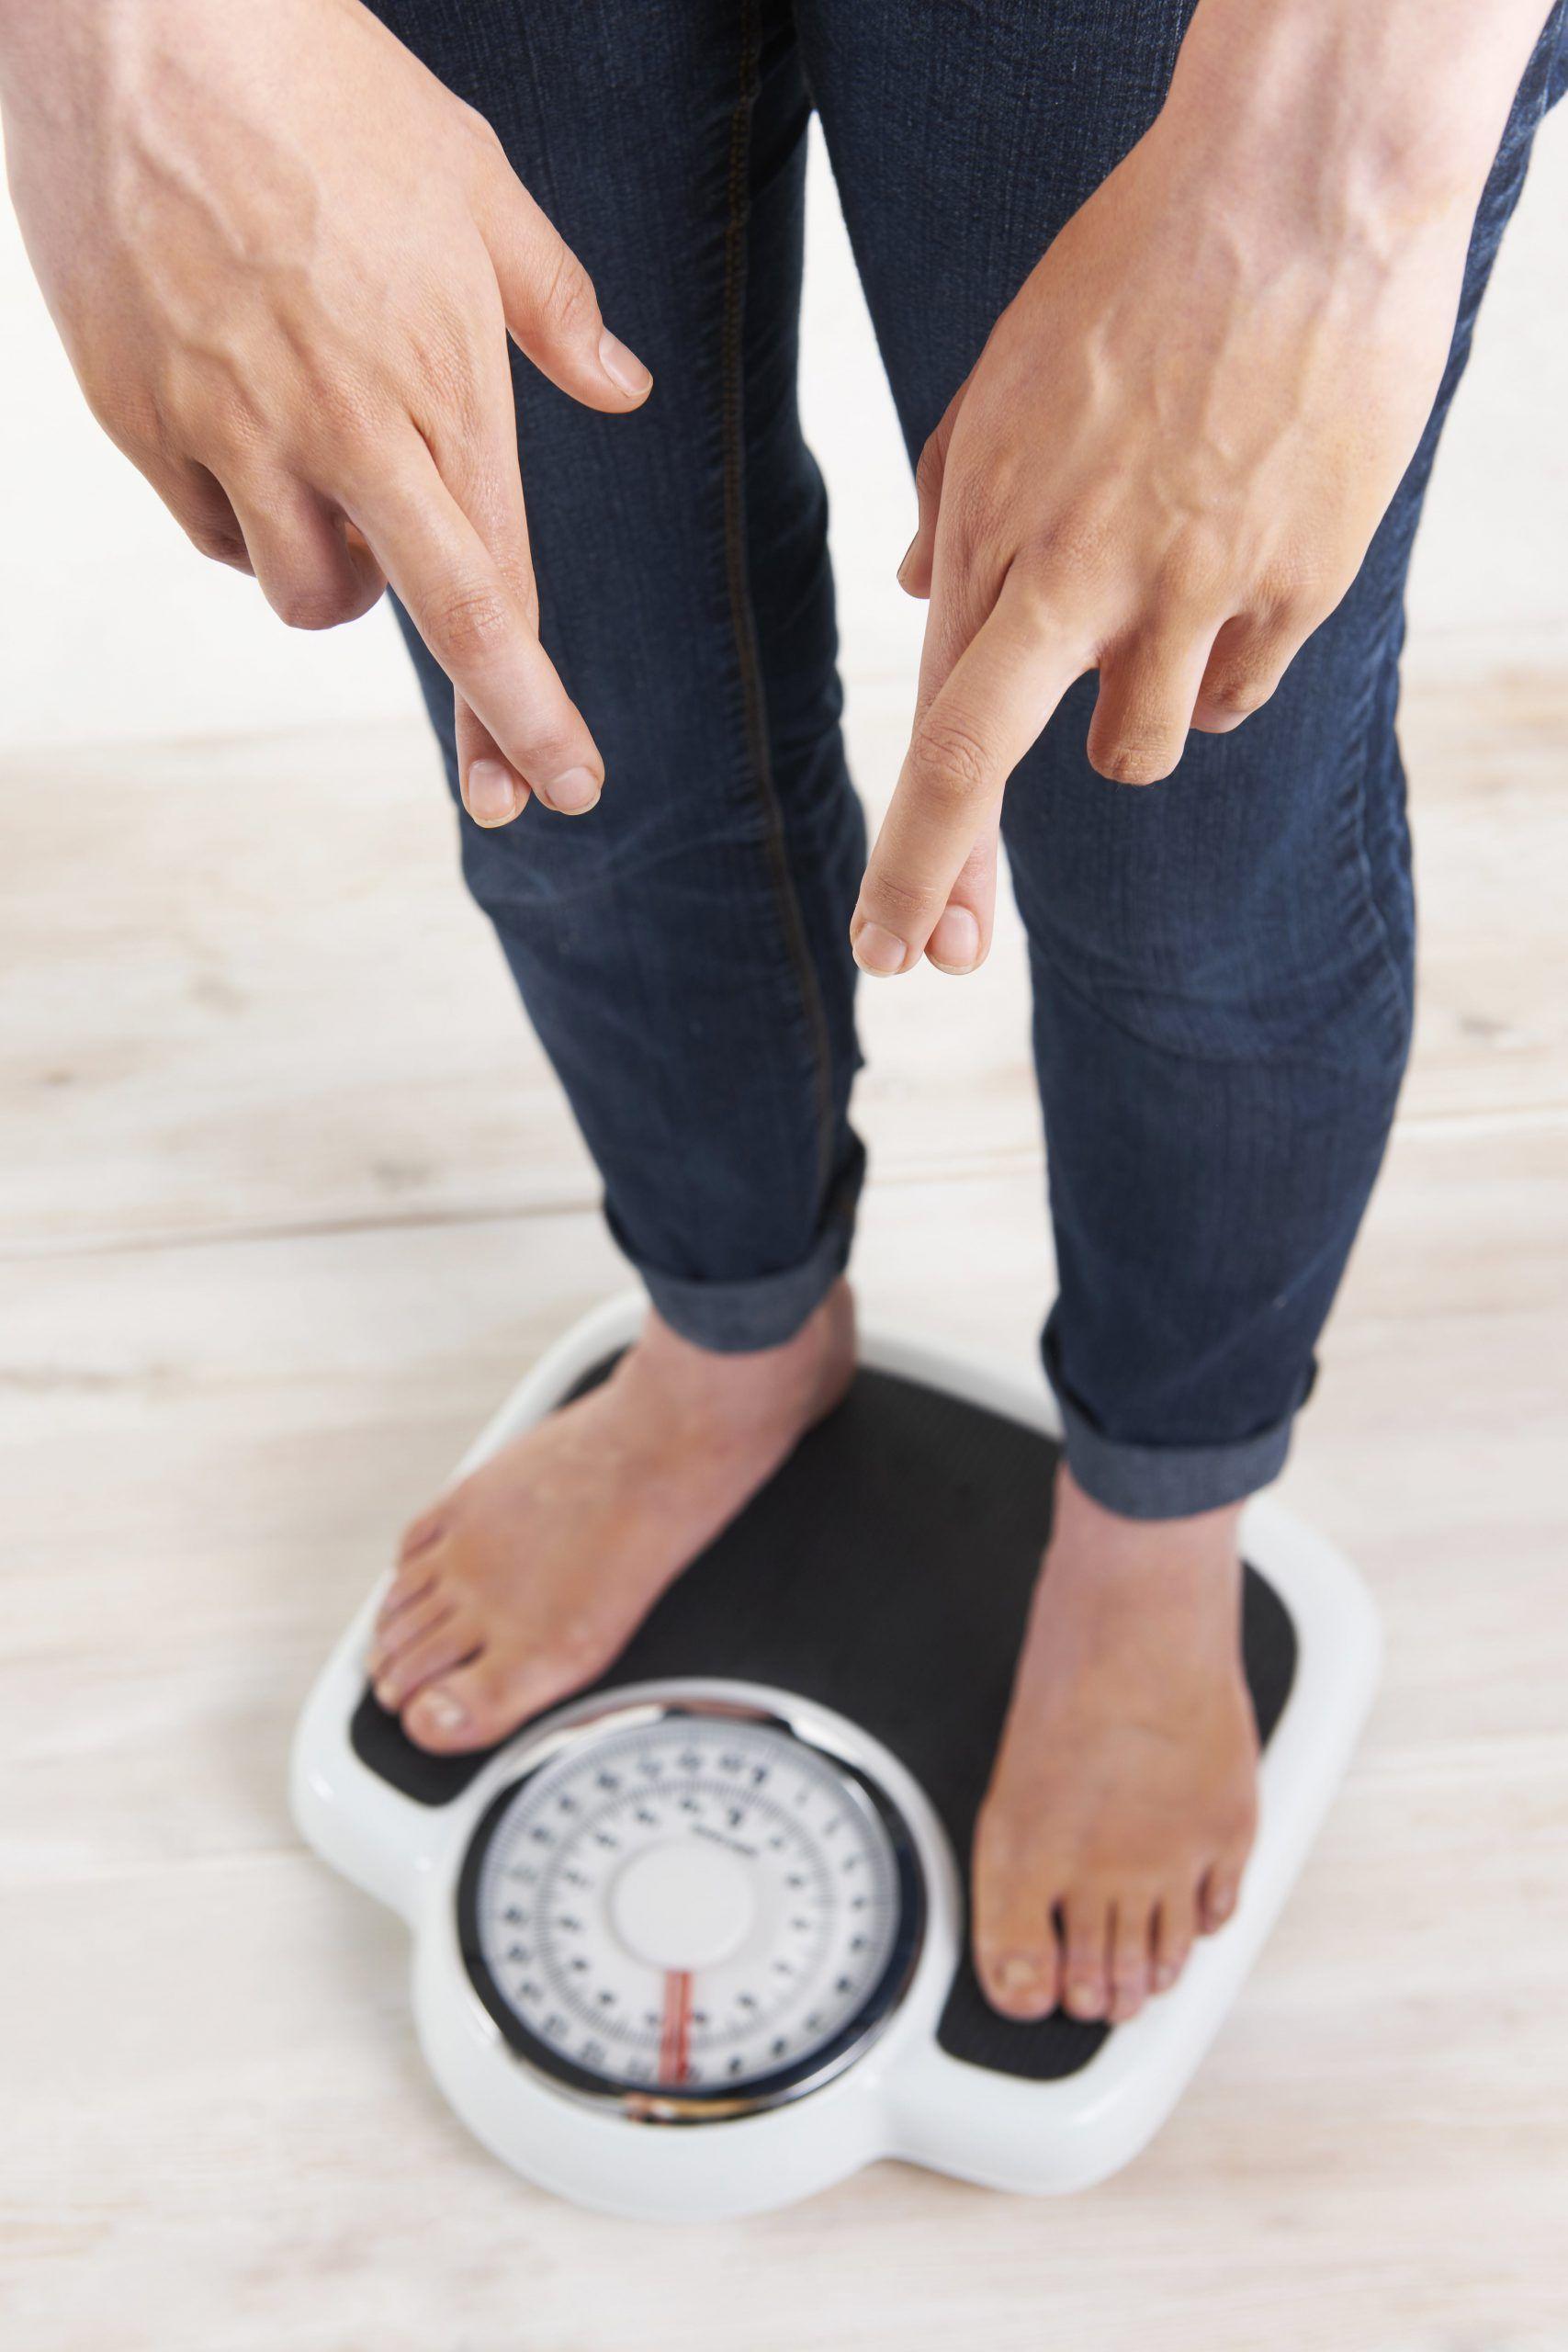 Obesidad y fertilidad en el hombre